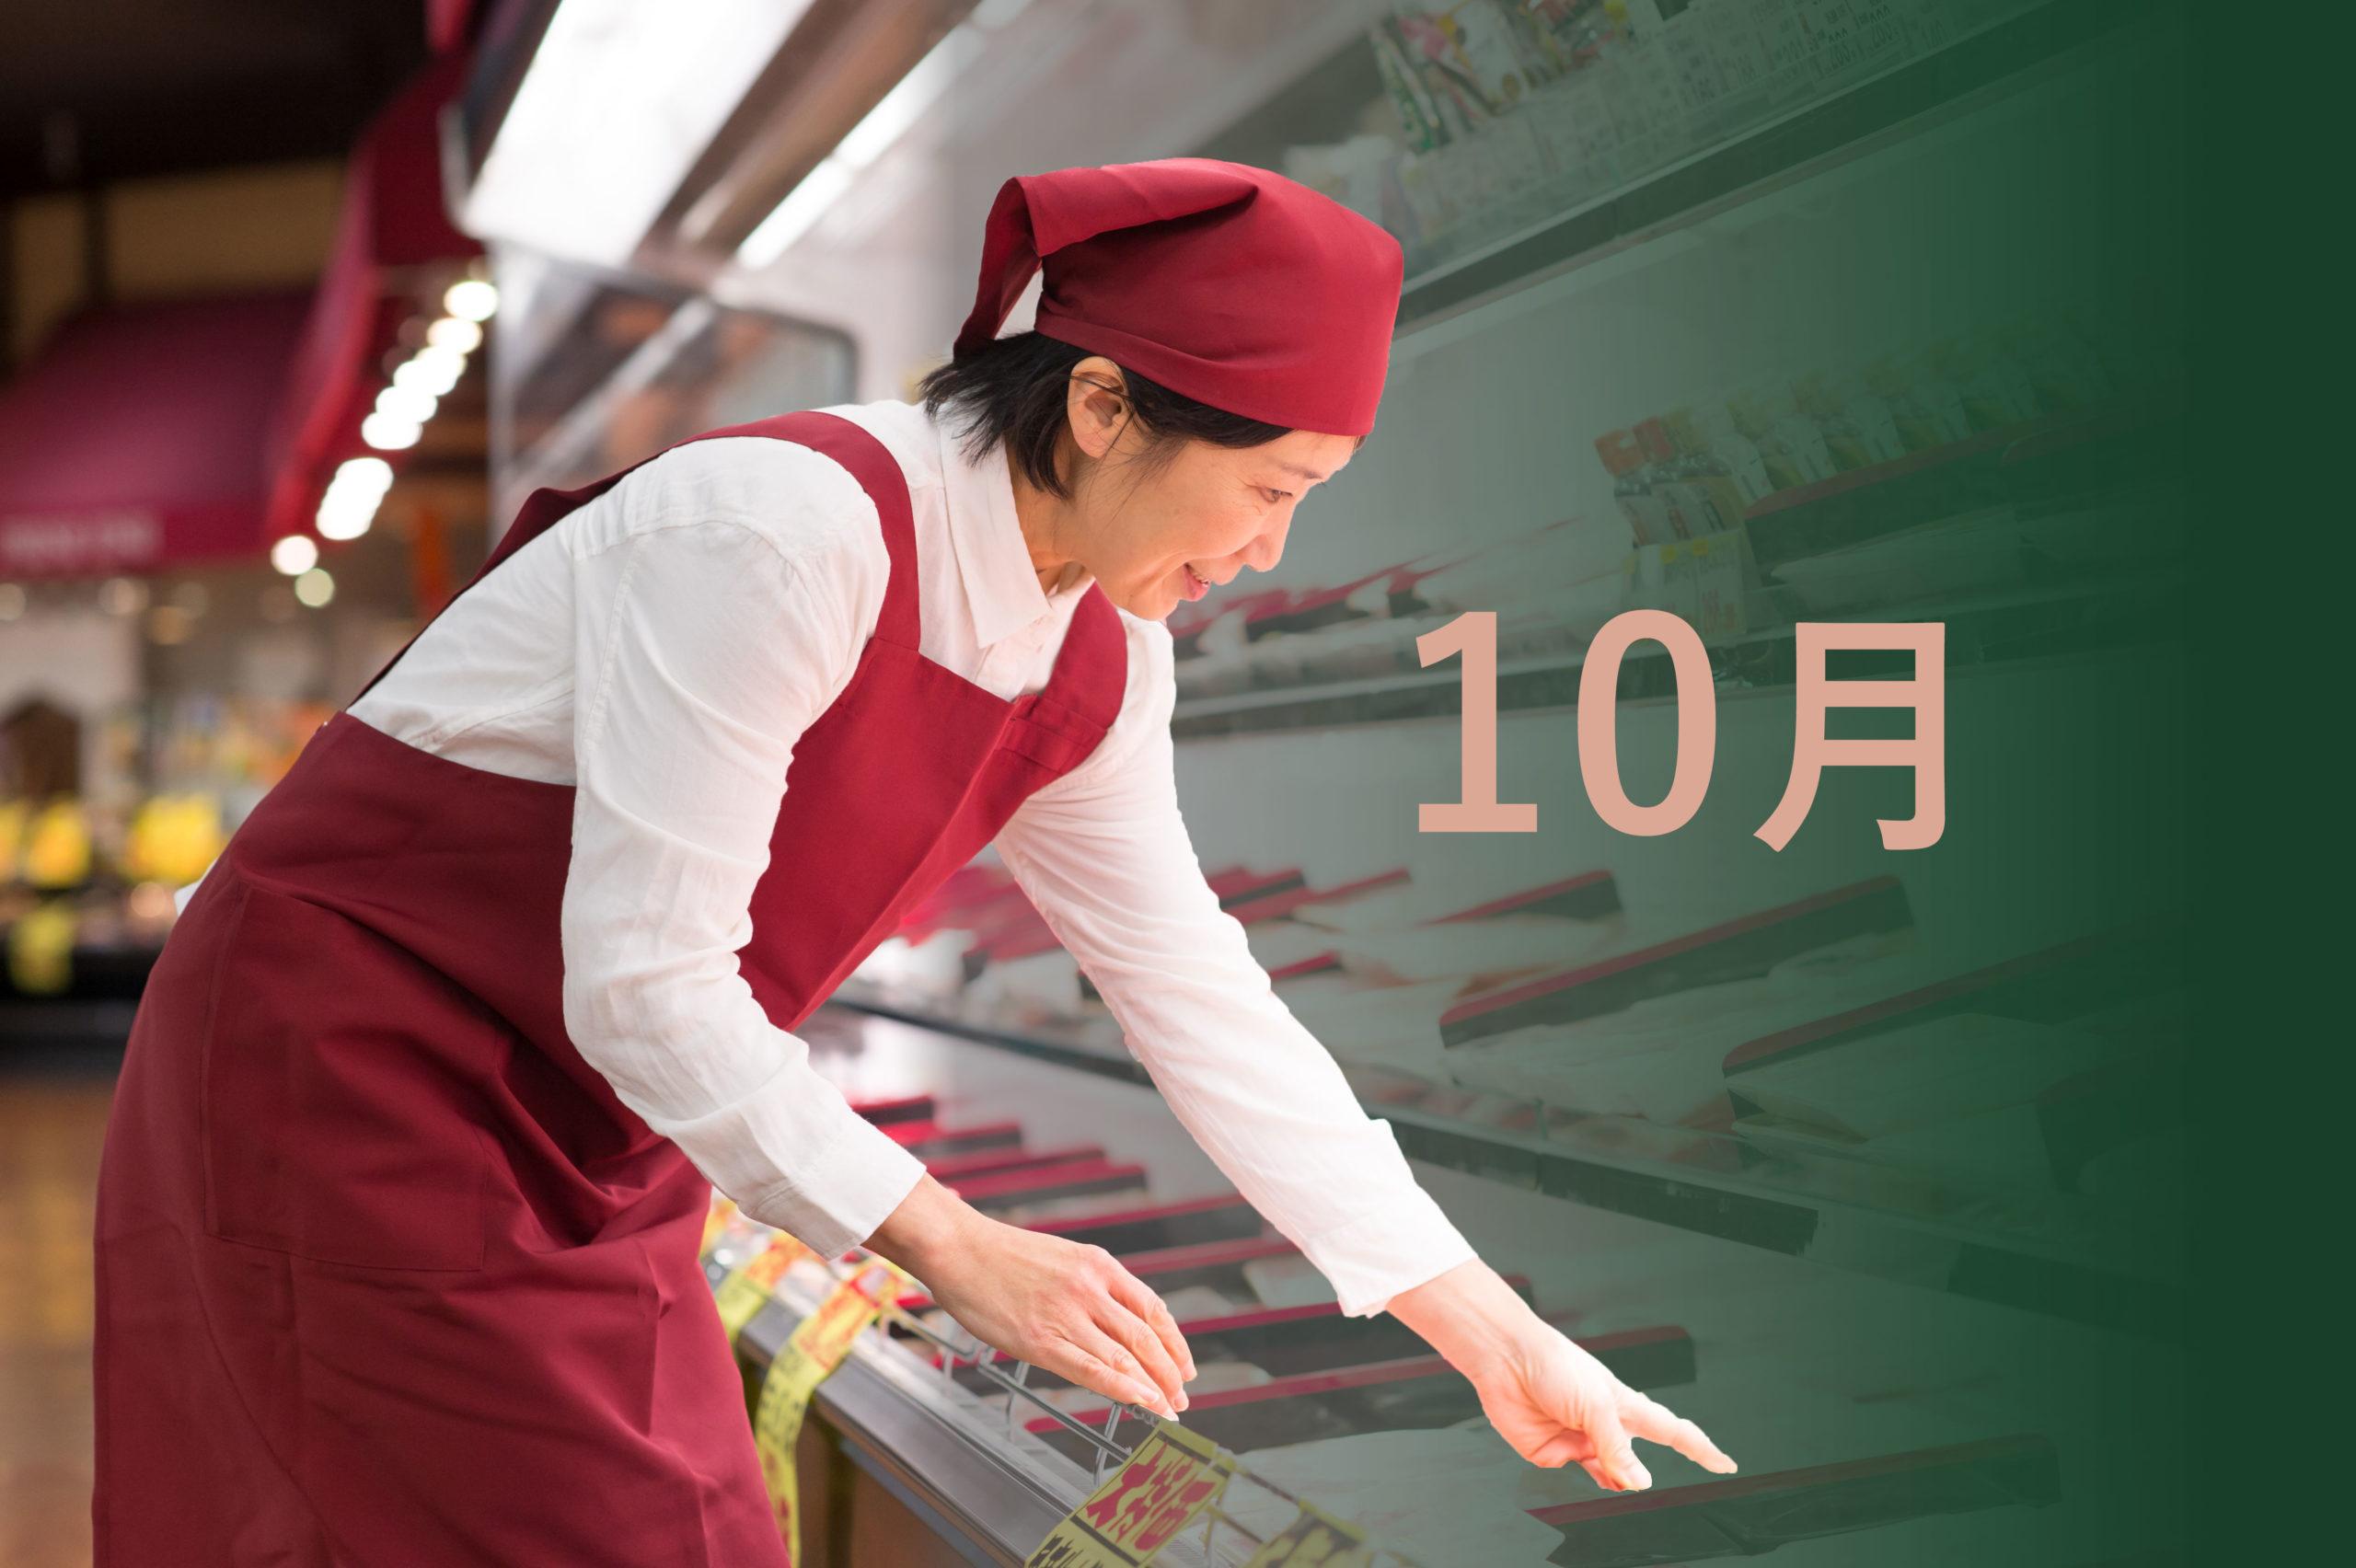 【主婦求人の平均時給 2020年10月】パート・アルバイト:『1,113円』、派遣:『1,296円』